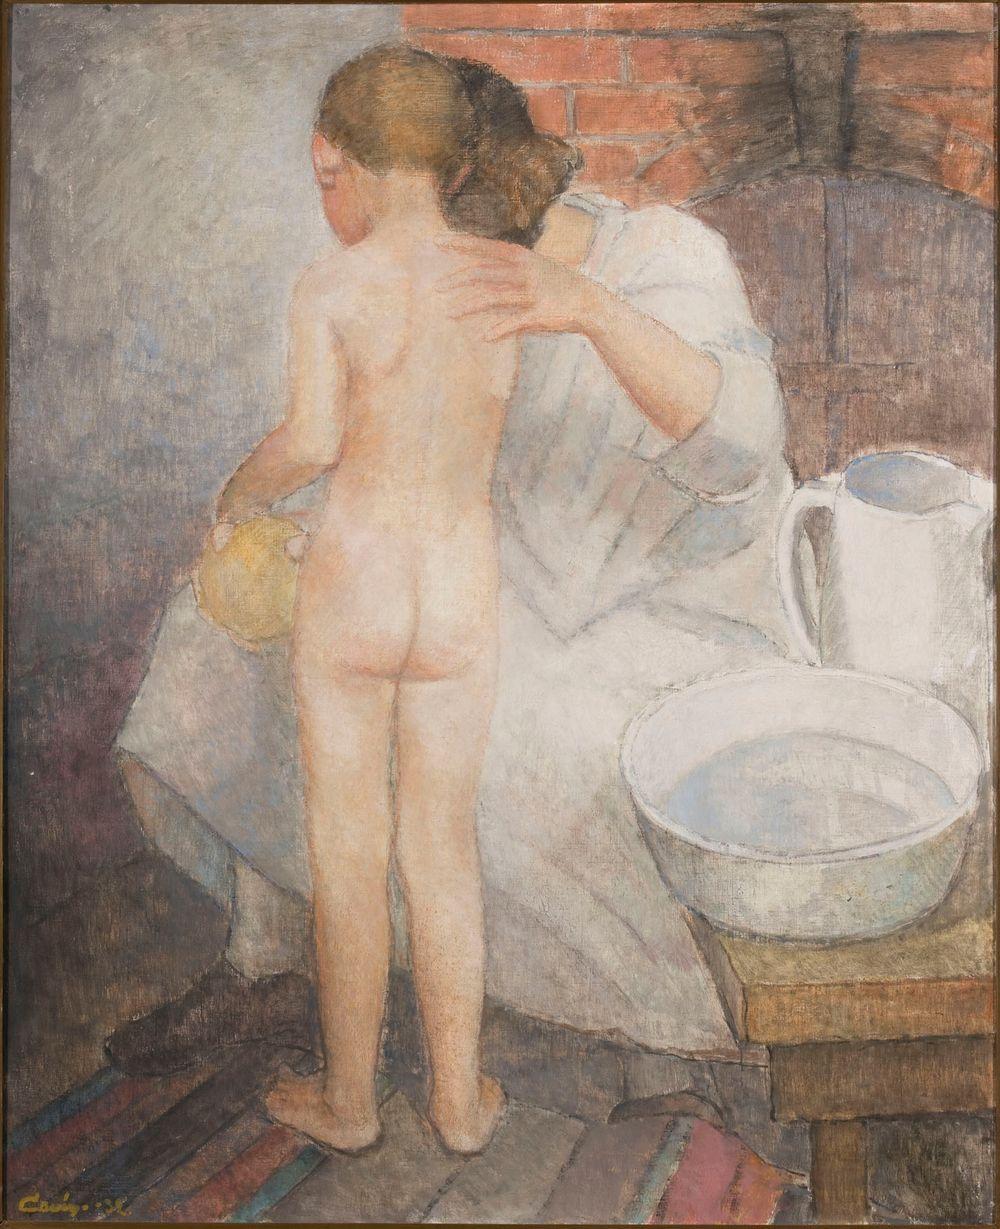 Poikaa pestään